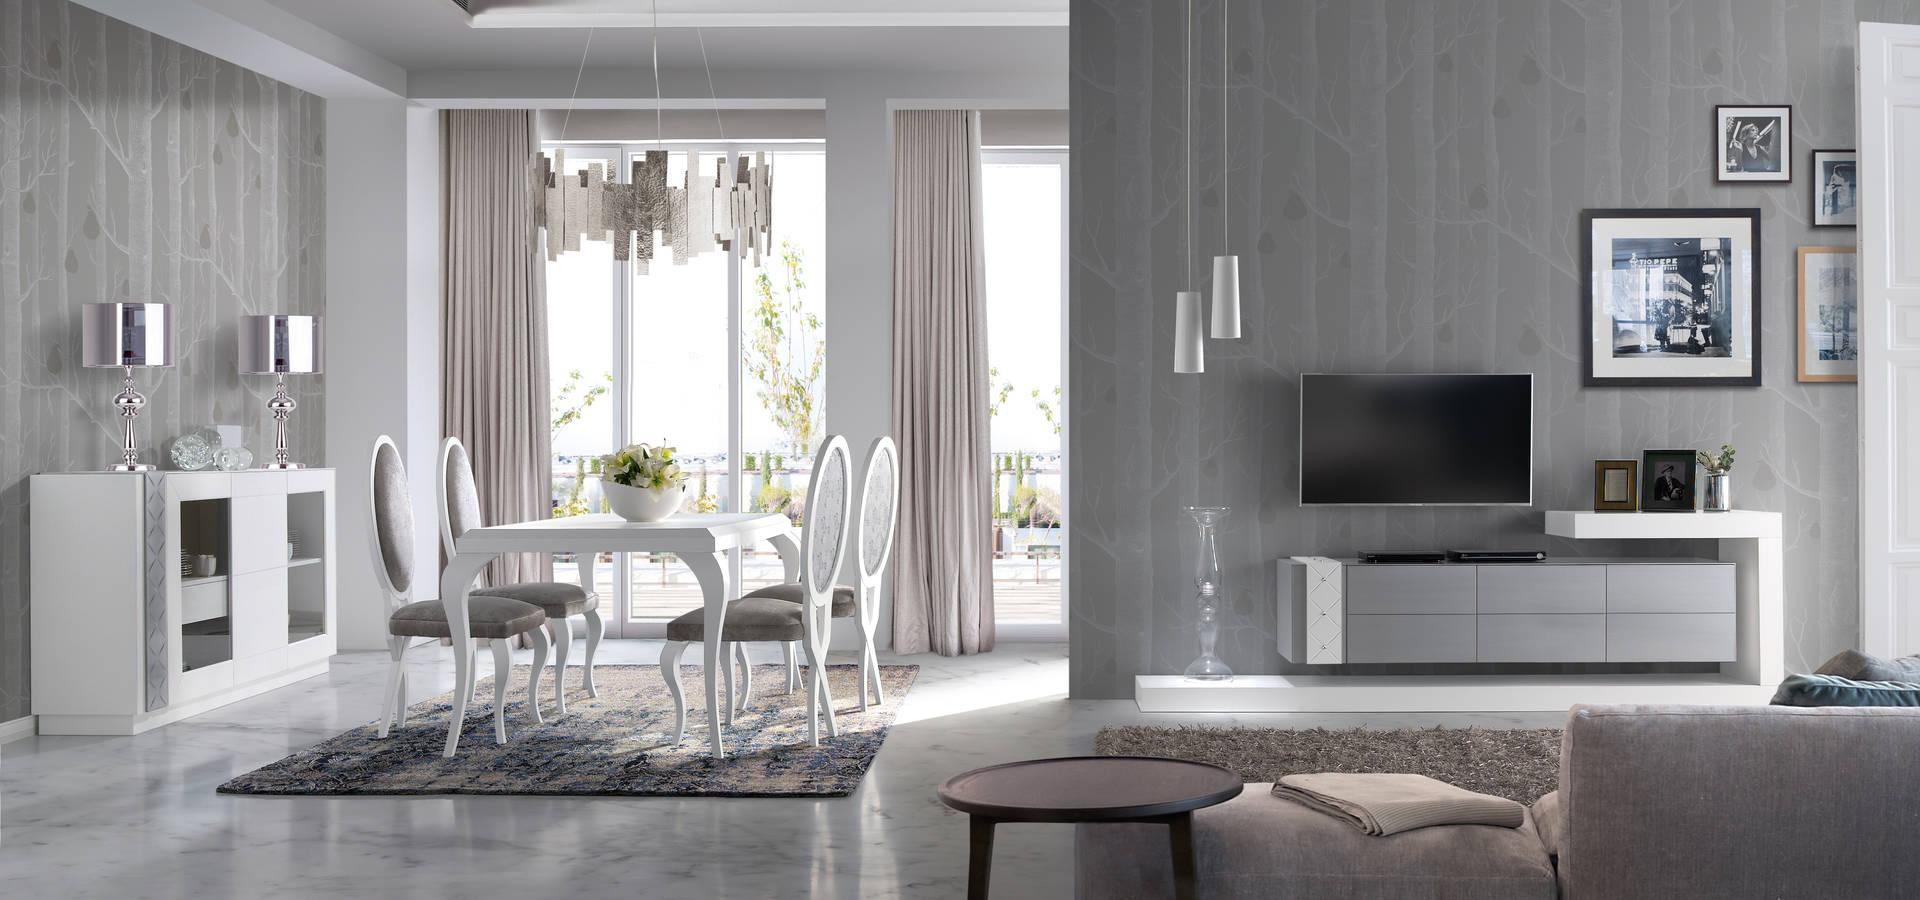 Huertas furniture muebles y accesorios en lucena homify - Muebles huertas lucena ...